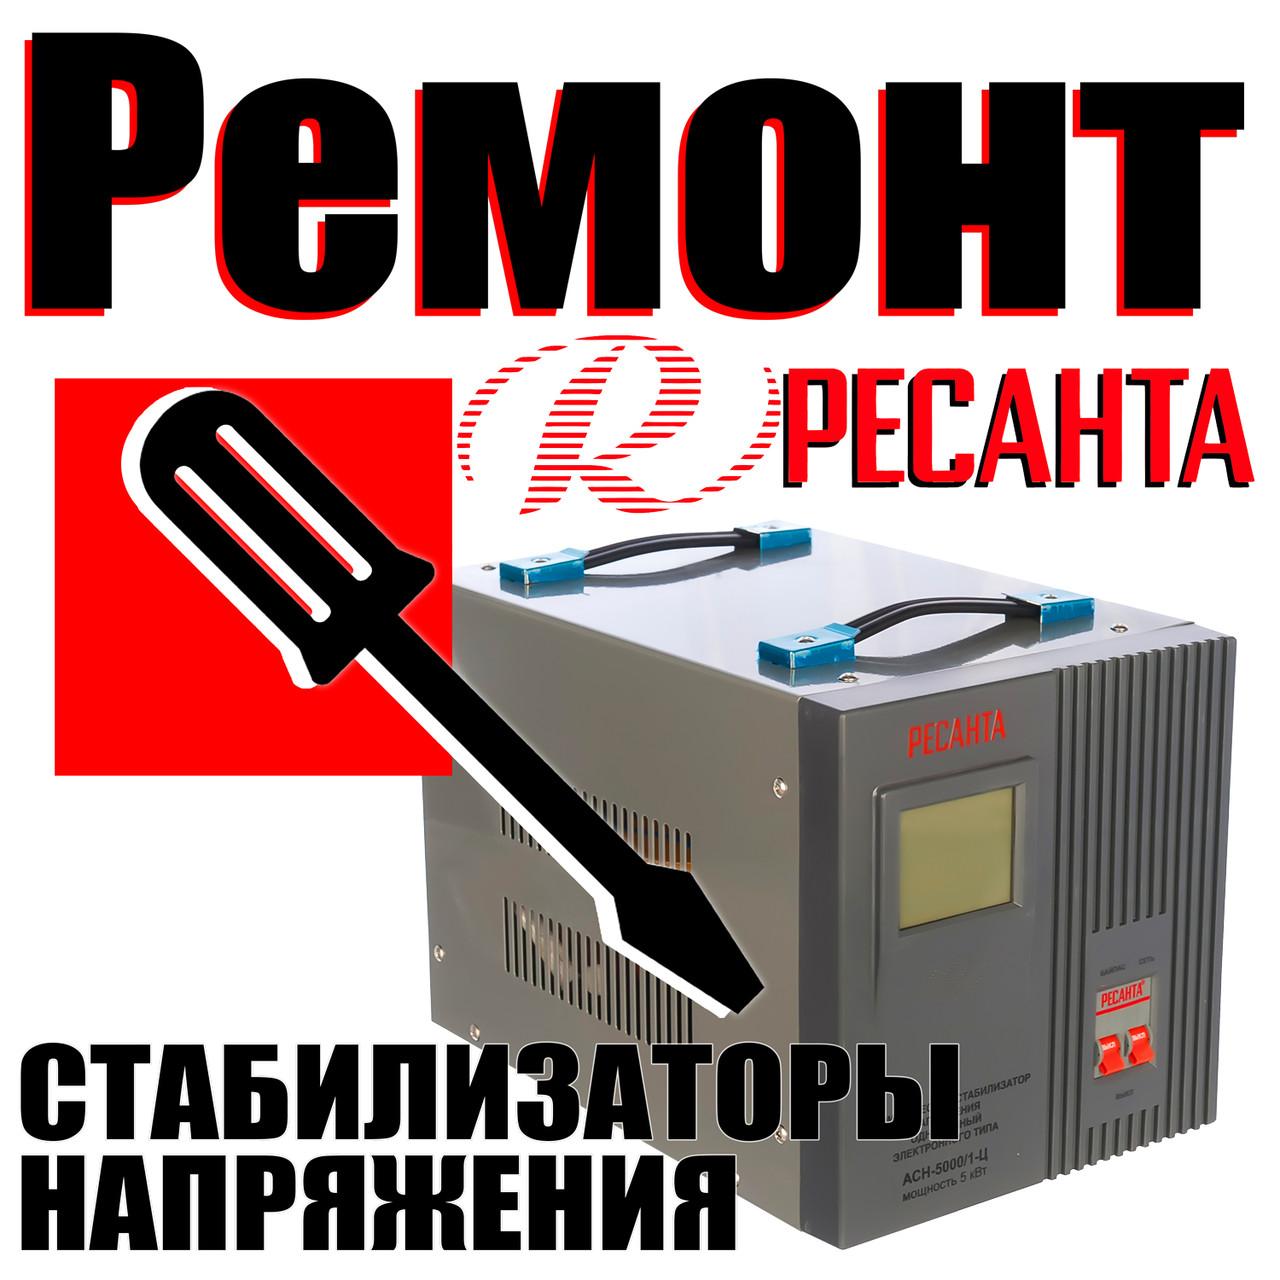 Ремонт стабилизаторов напряжения Ресанта в Алматы